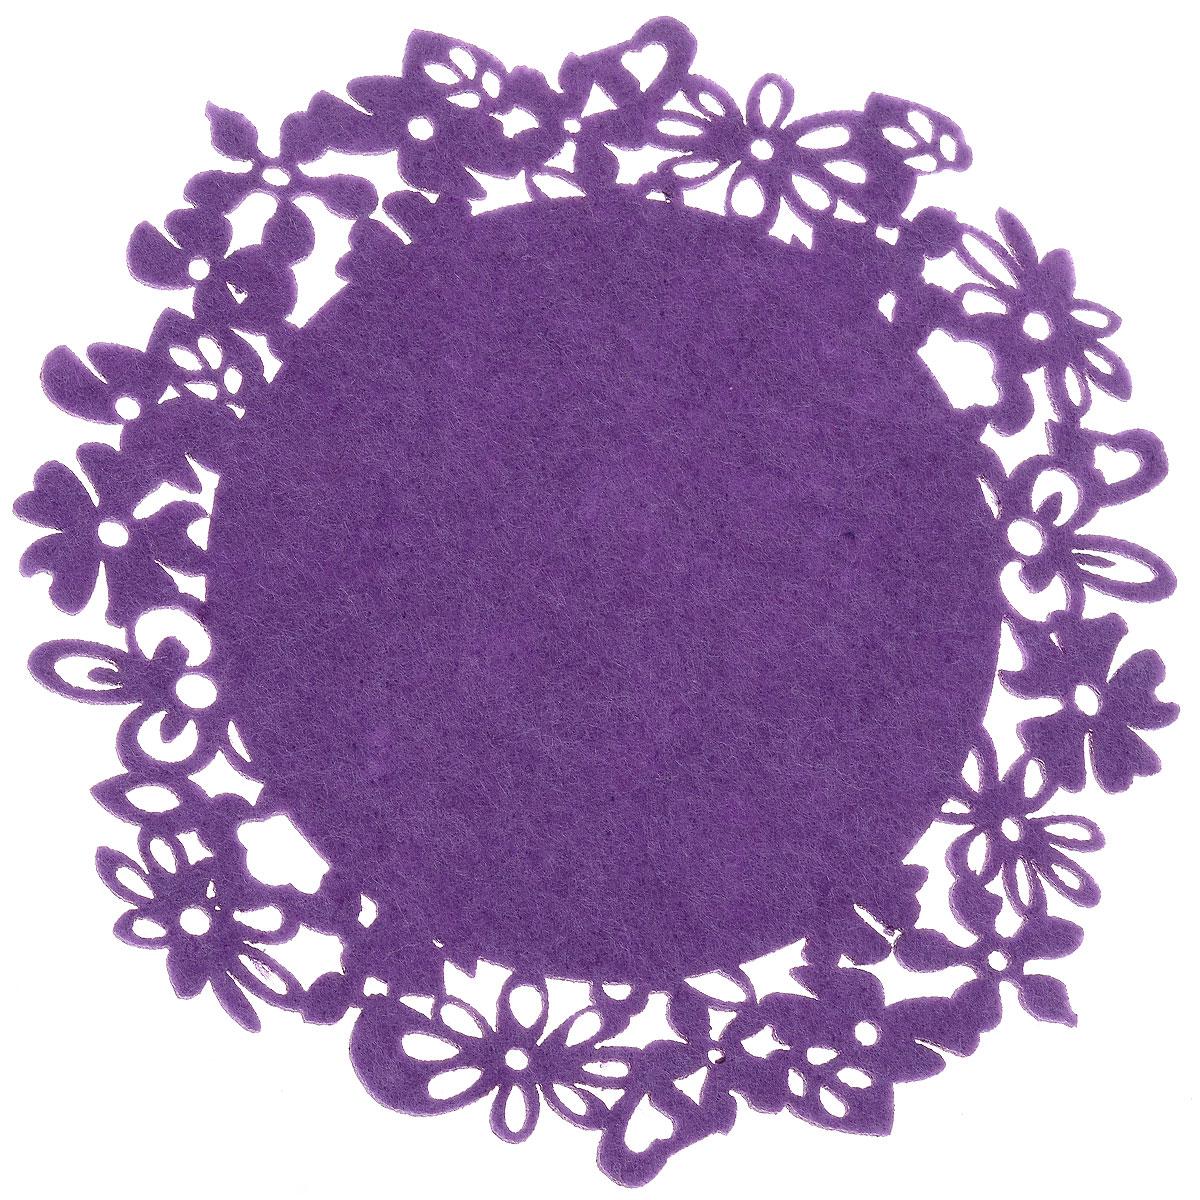 Салфетка-подставка под горячее Orange Цветы, цвет: сиреневый, диаметр 19,5 см82014_сиреневыйКруглая салфетка-подставка под горячее Orange Цветы изготовлена из фетра и оформлена изысканной перфорацией в виде цветов. Такая салфетка прекрасно подойдет для украшения интерьера кухни, она сбережет стол от высоких температур и грязи. Диаметр: 19,5 см.